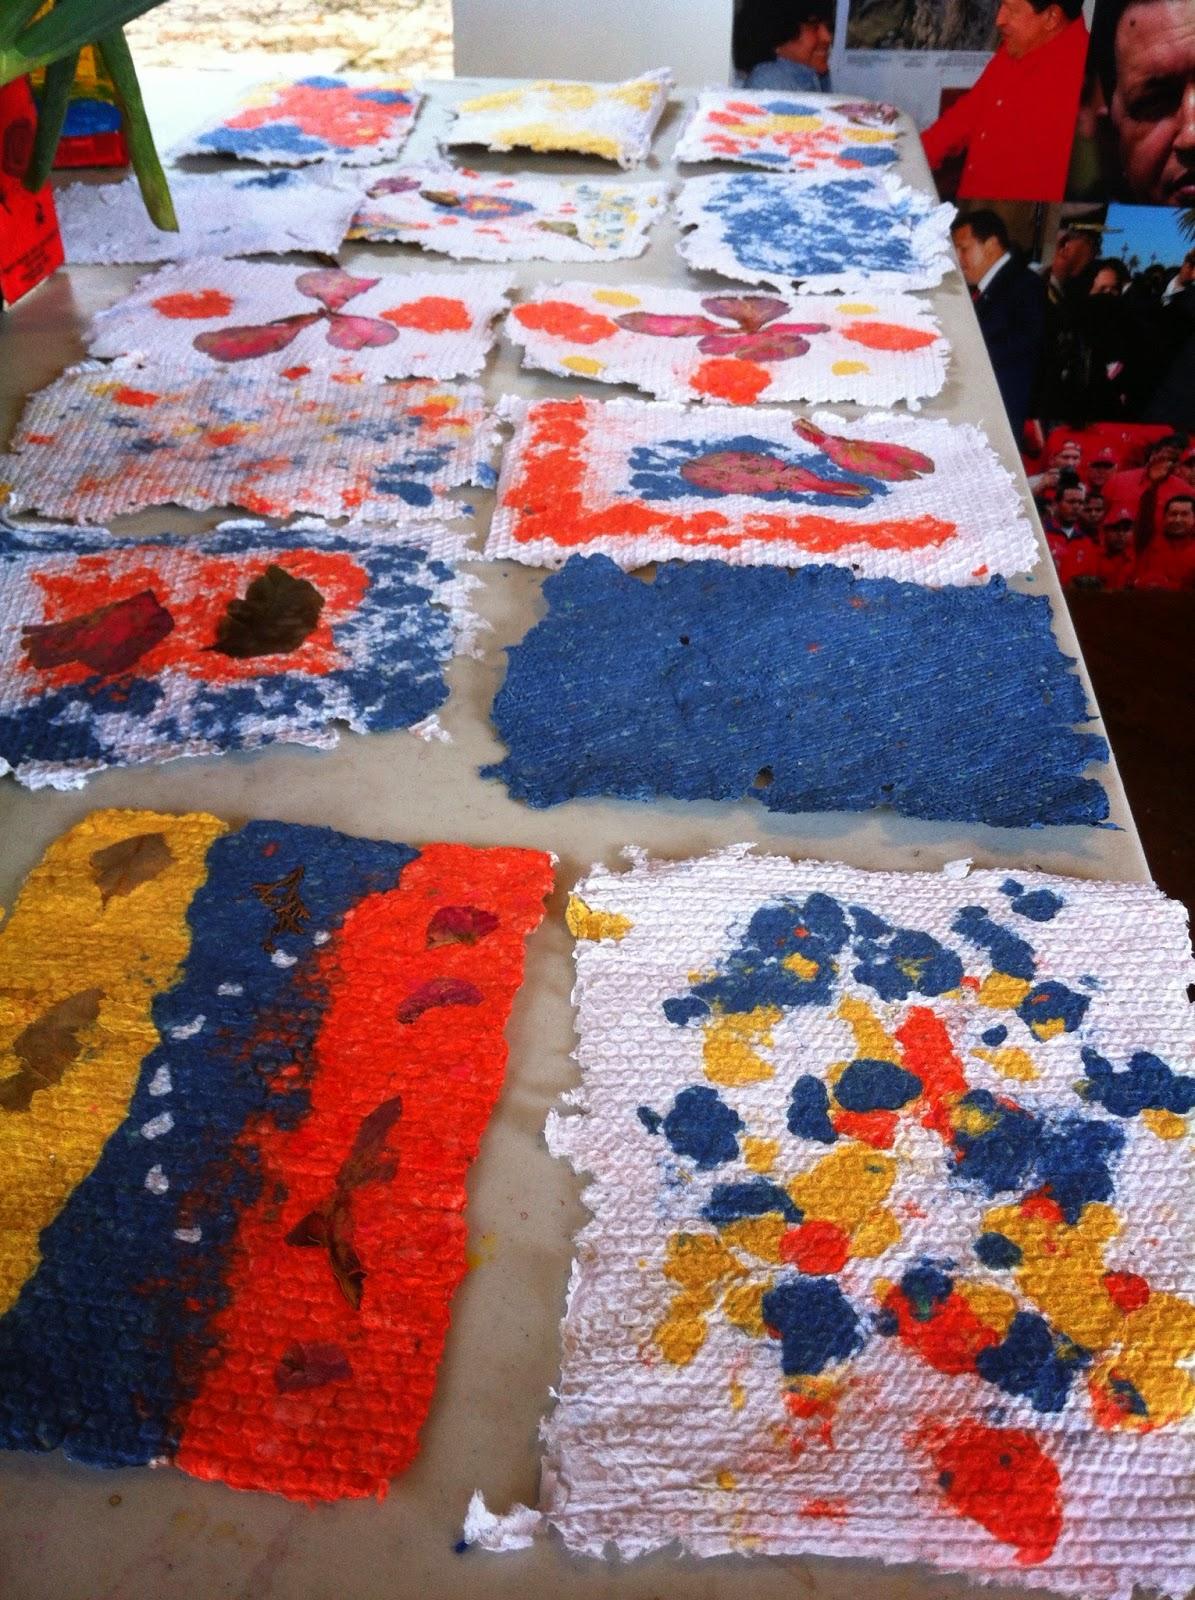 Papeles reciclados hechos por los niños